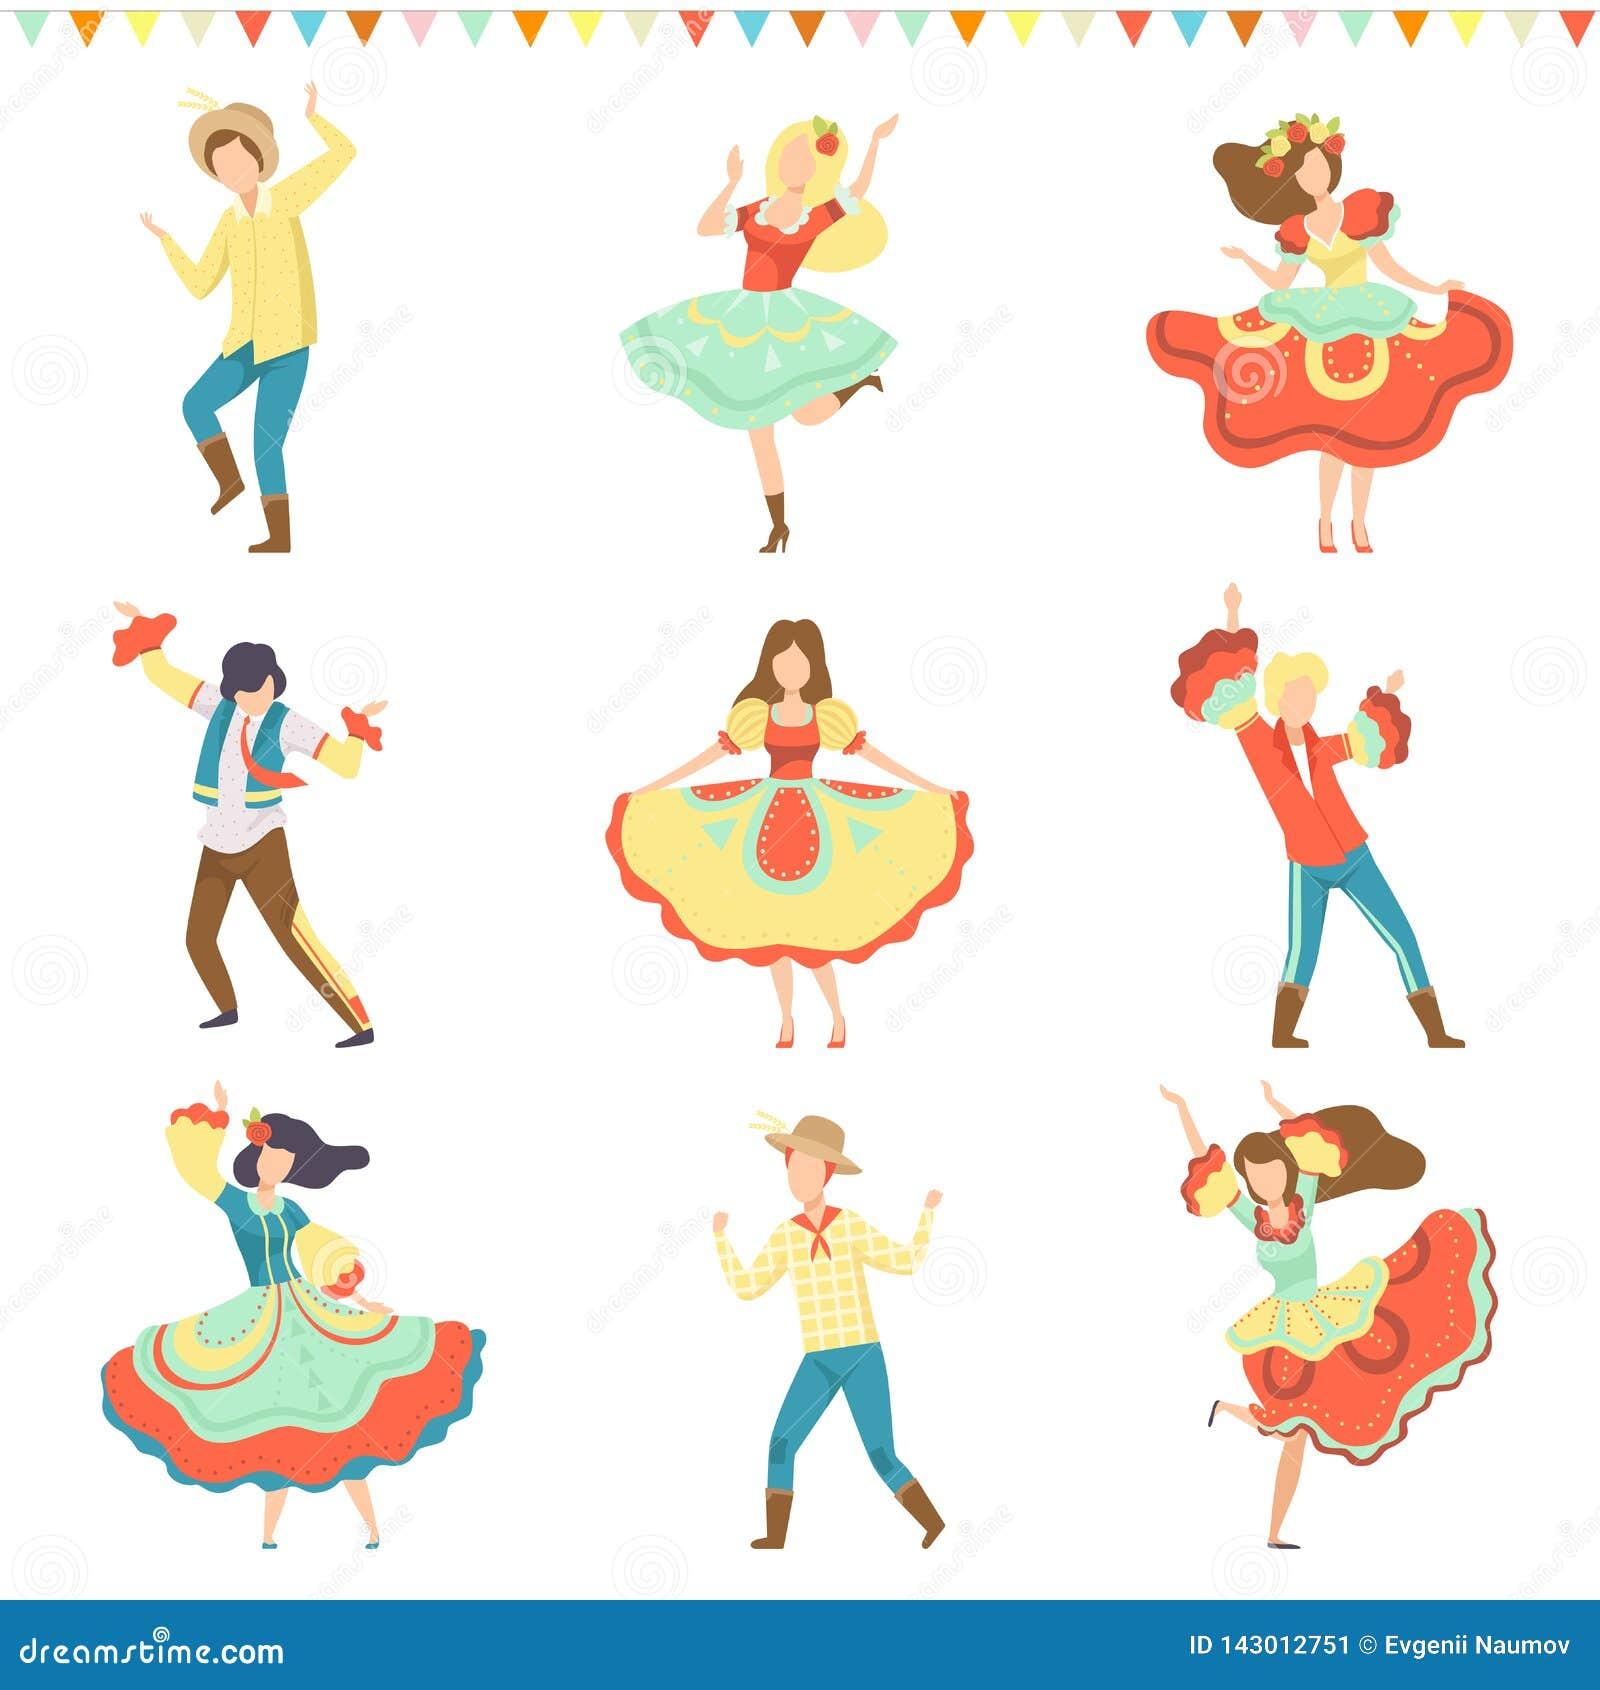 Βραζιλιάνο κόμμα Festa Junina, ευτυχείς άνδρες και γυναίκες που χορεύουν στη λατινική καθορισμένη διανυσματική απεικόνιση καρναβα